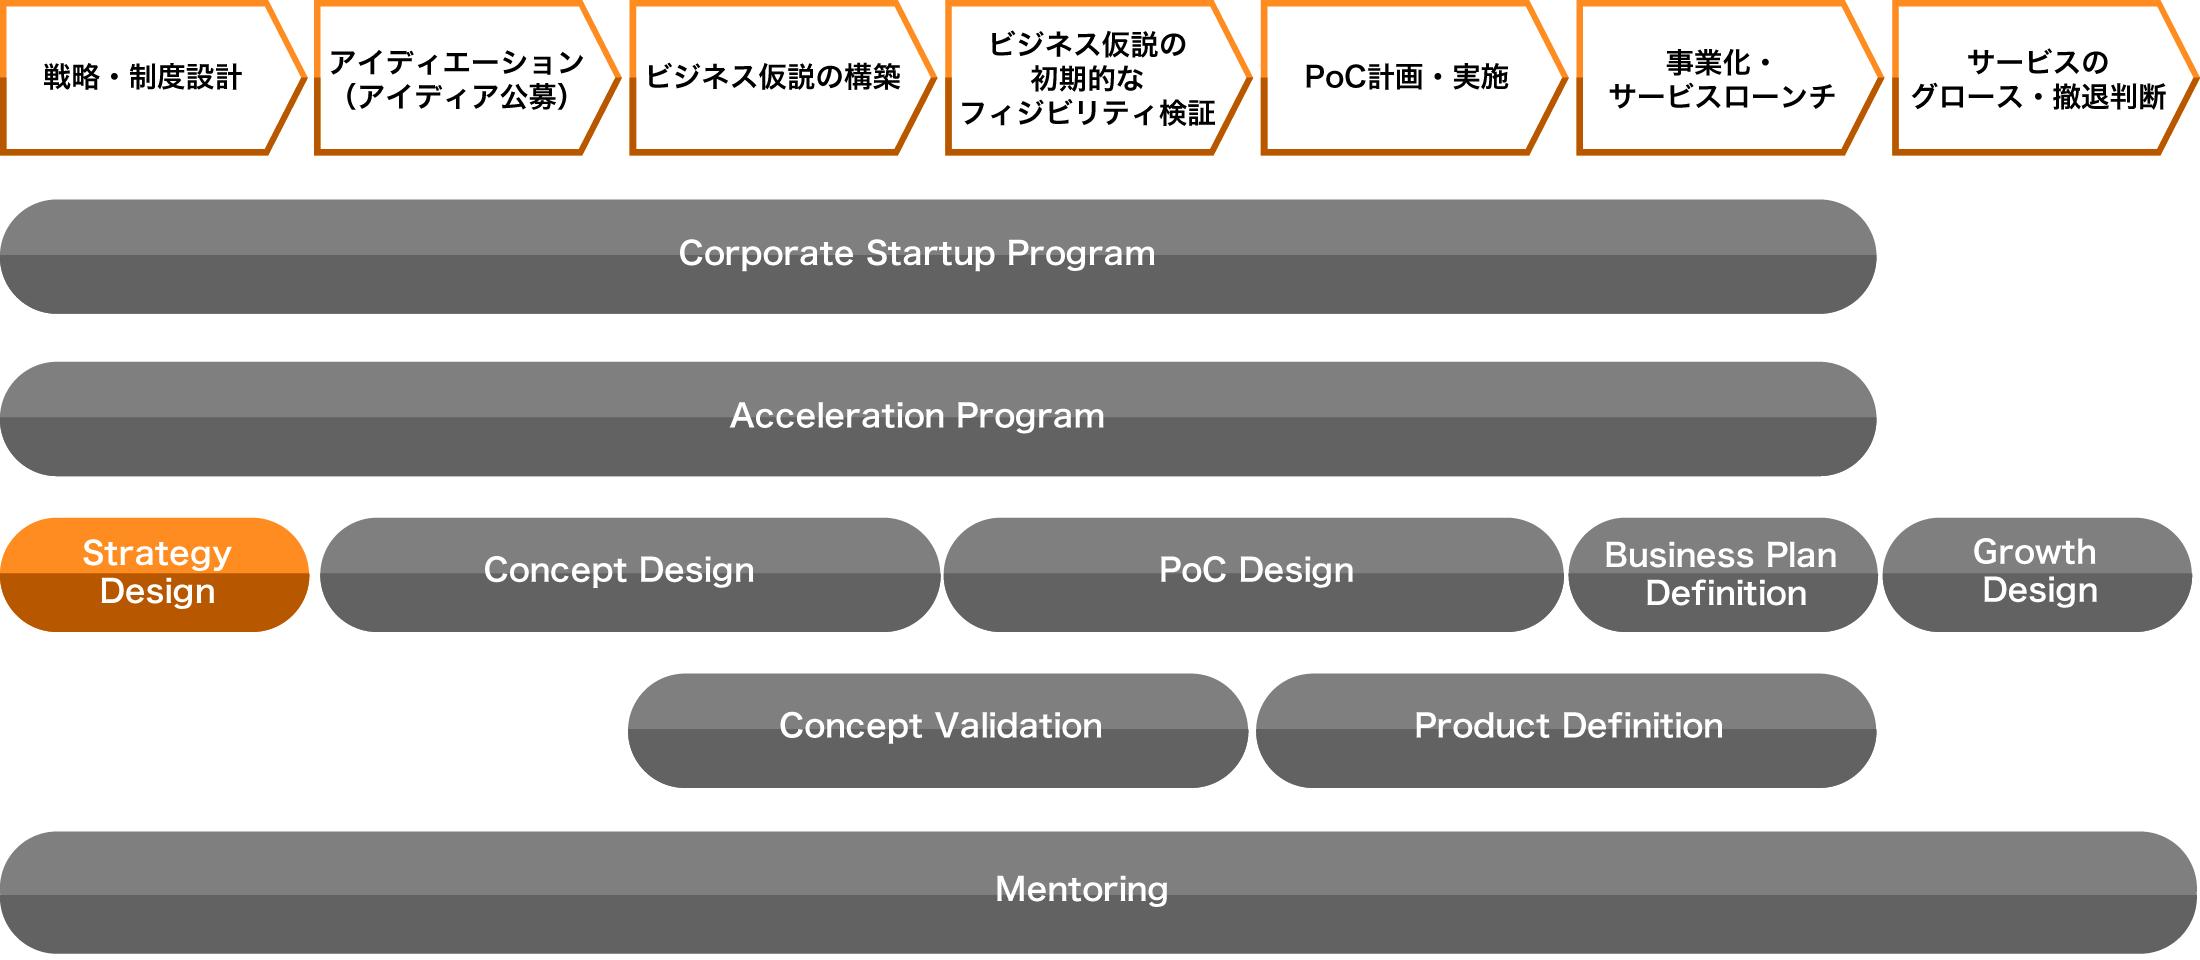 新規事業戦略策定